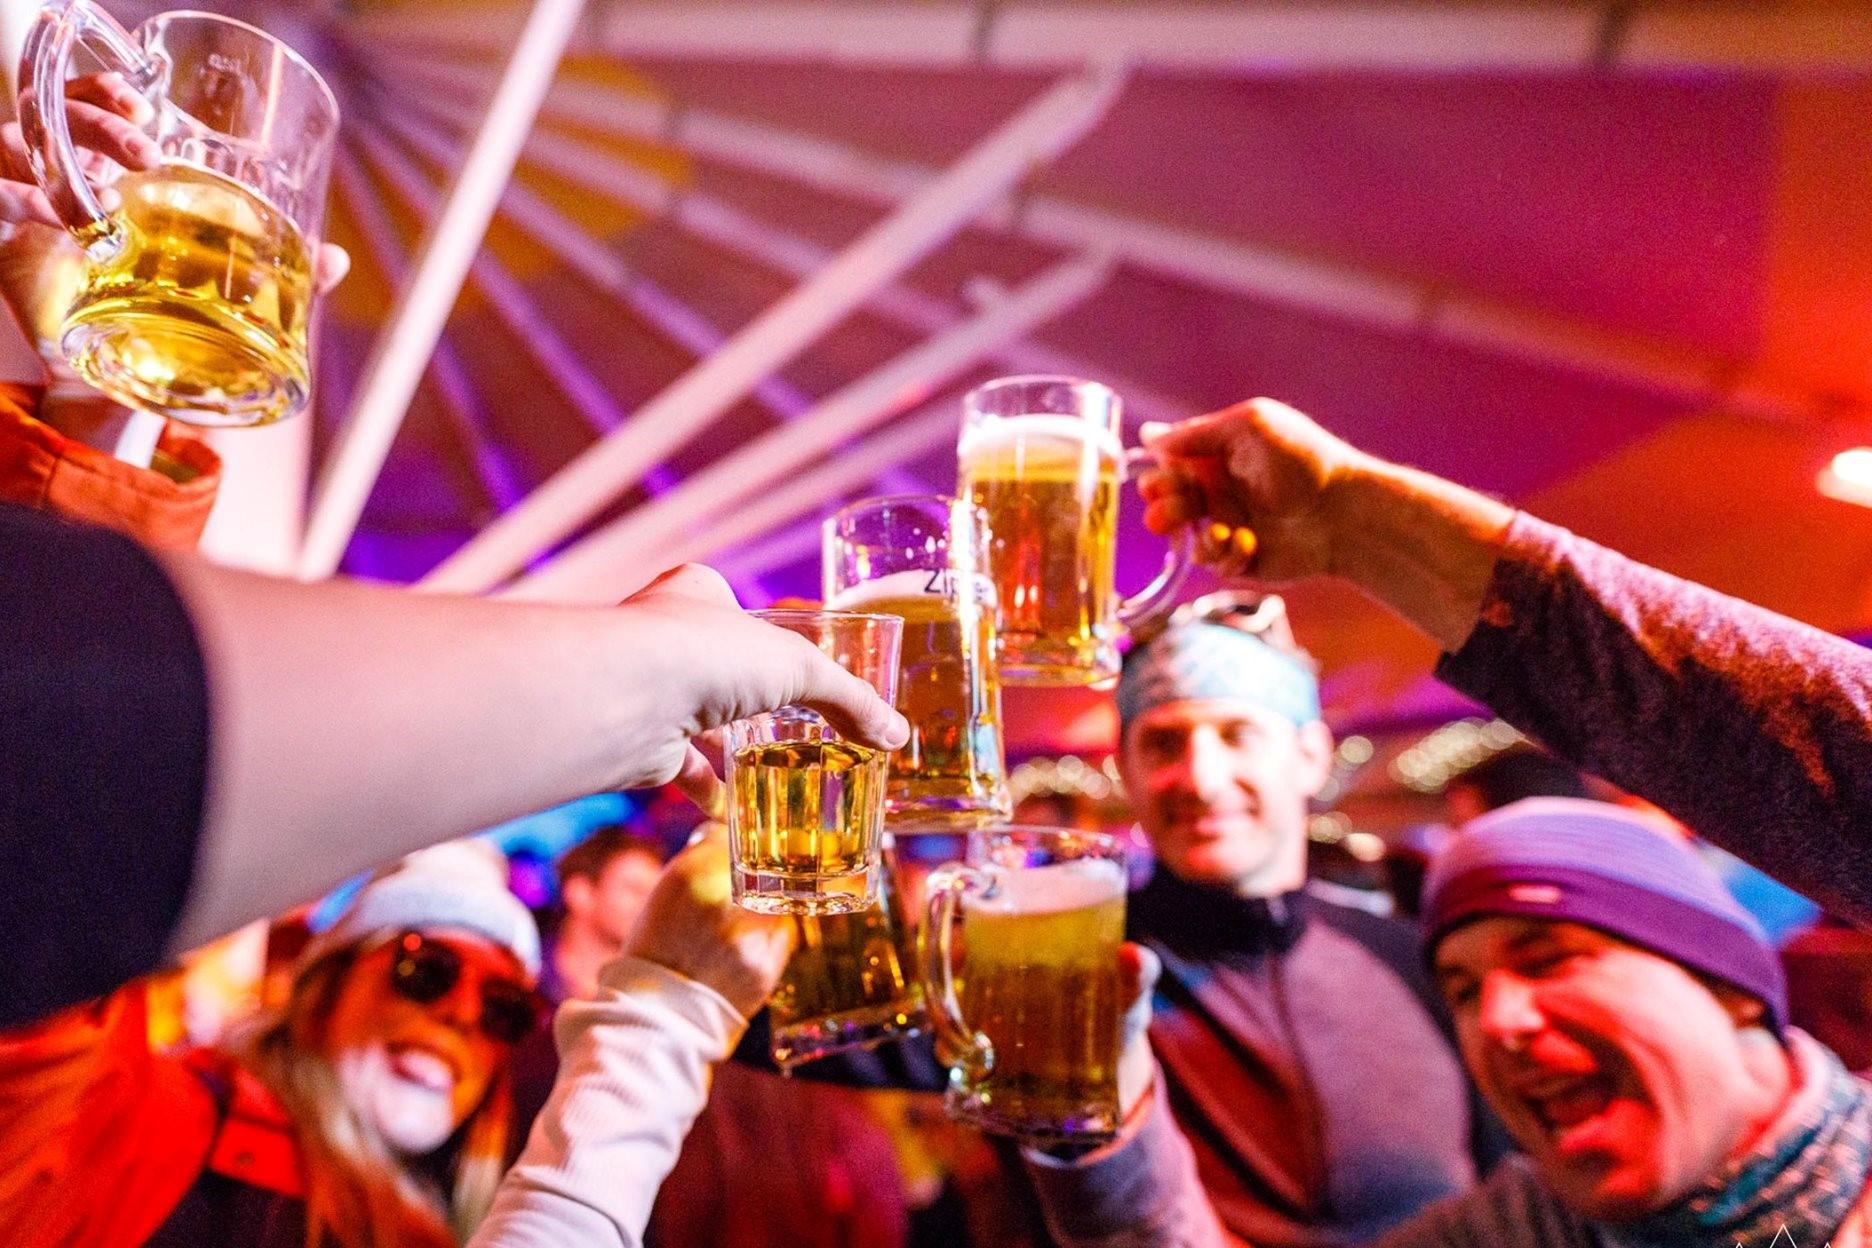 ALL-IN DRANKFORMULE #bier en frisdranken à volonté in de SnowBite Mansion